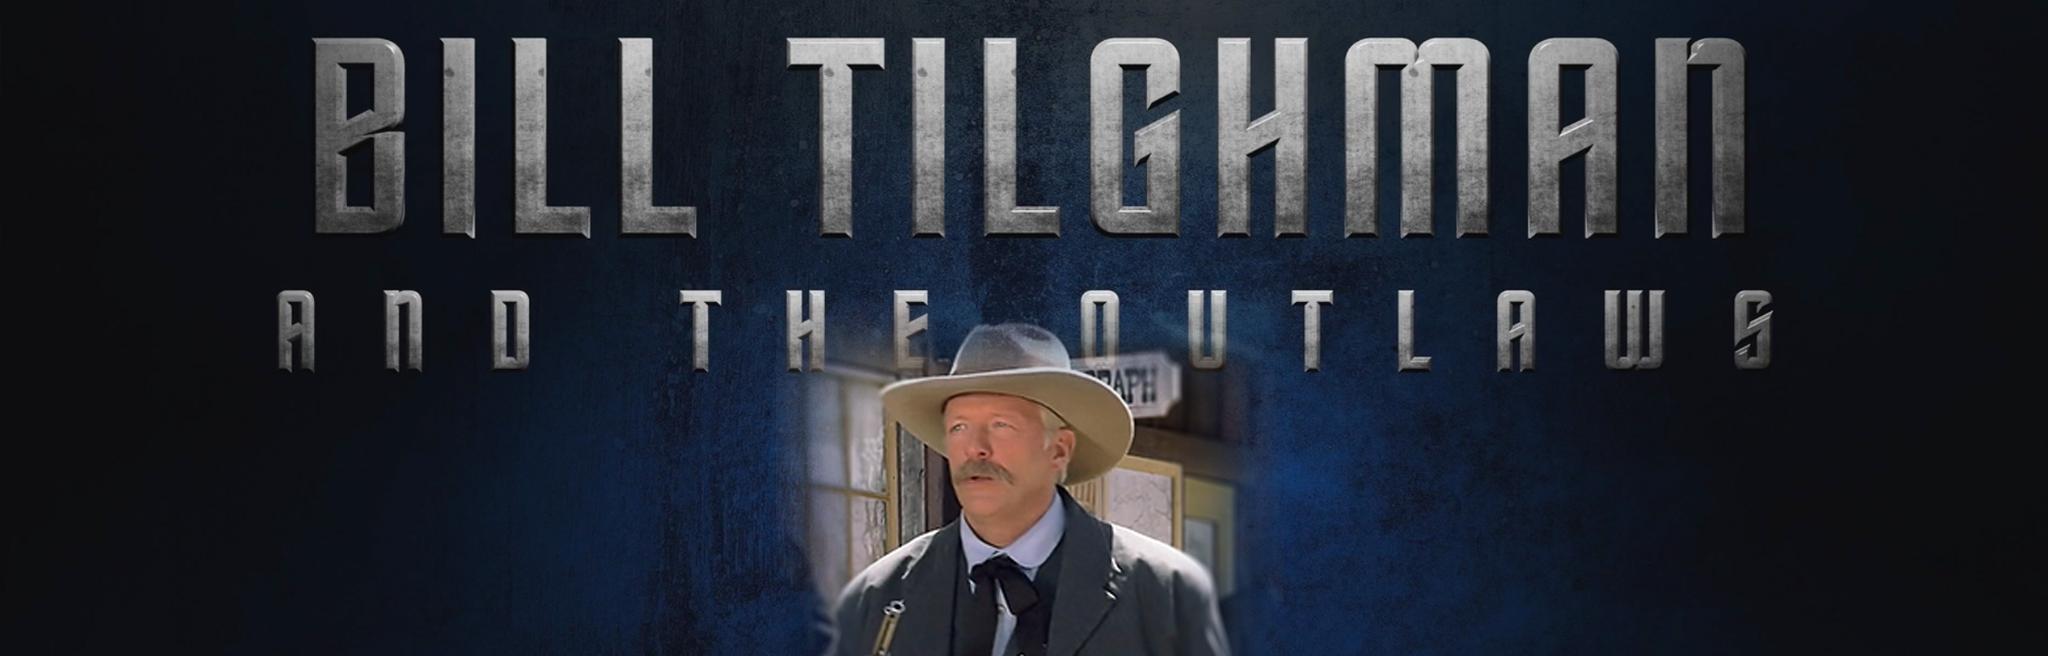 Bill Tilghman – Home page Slider